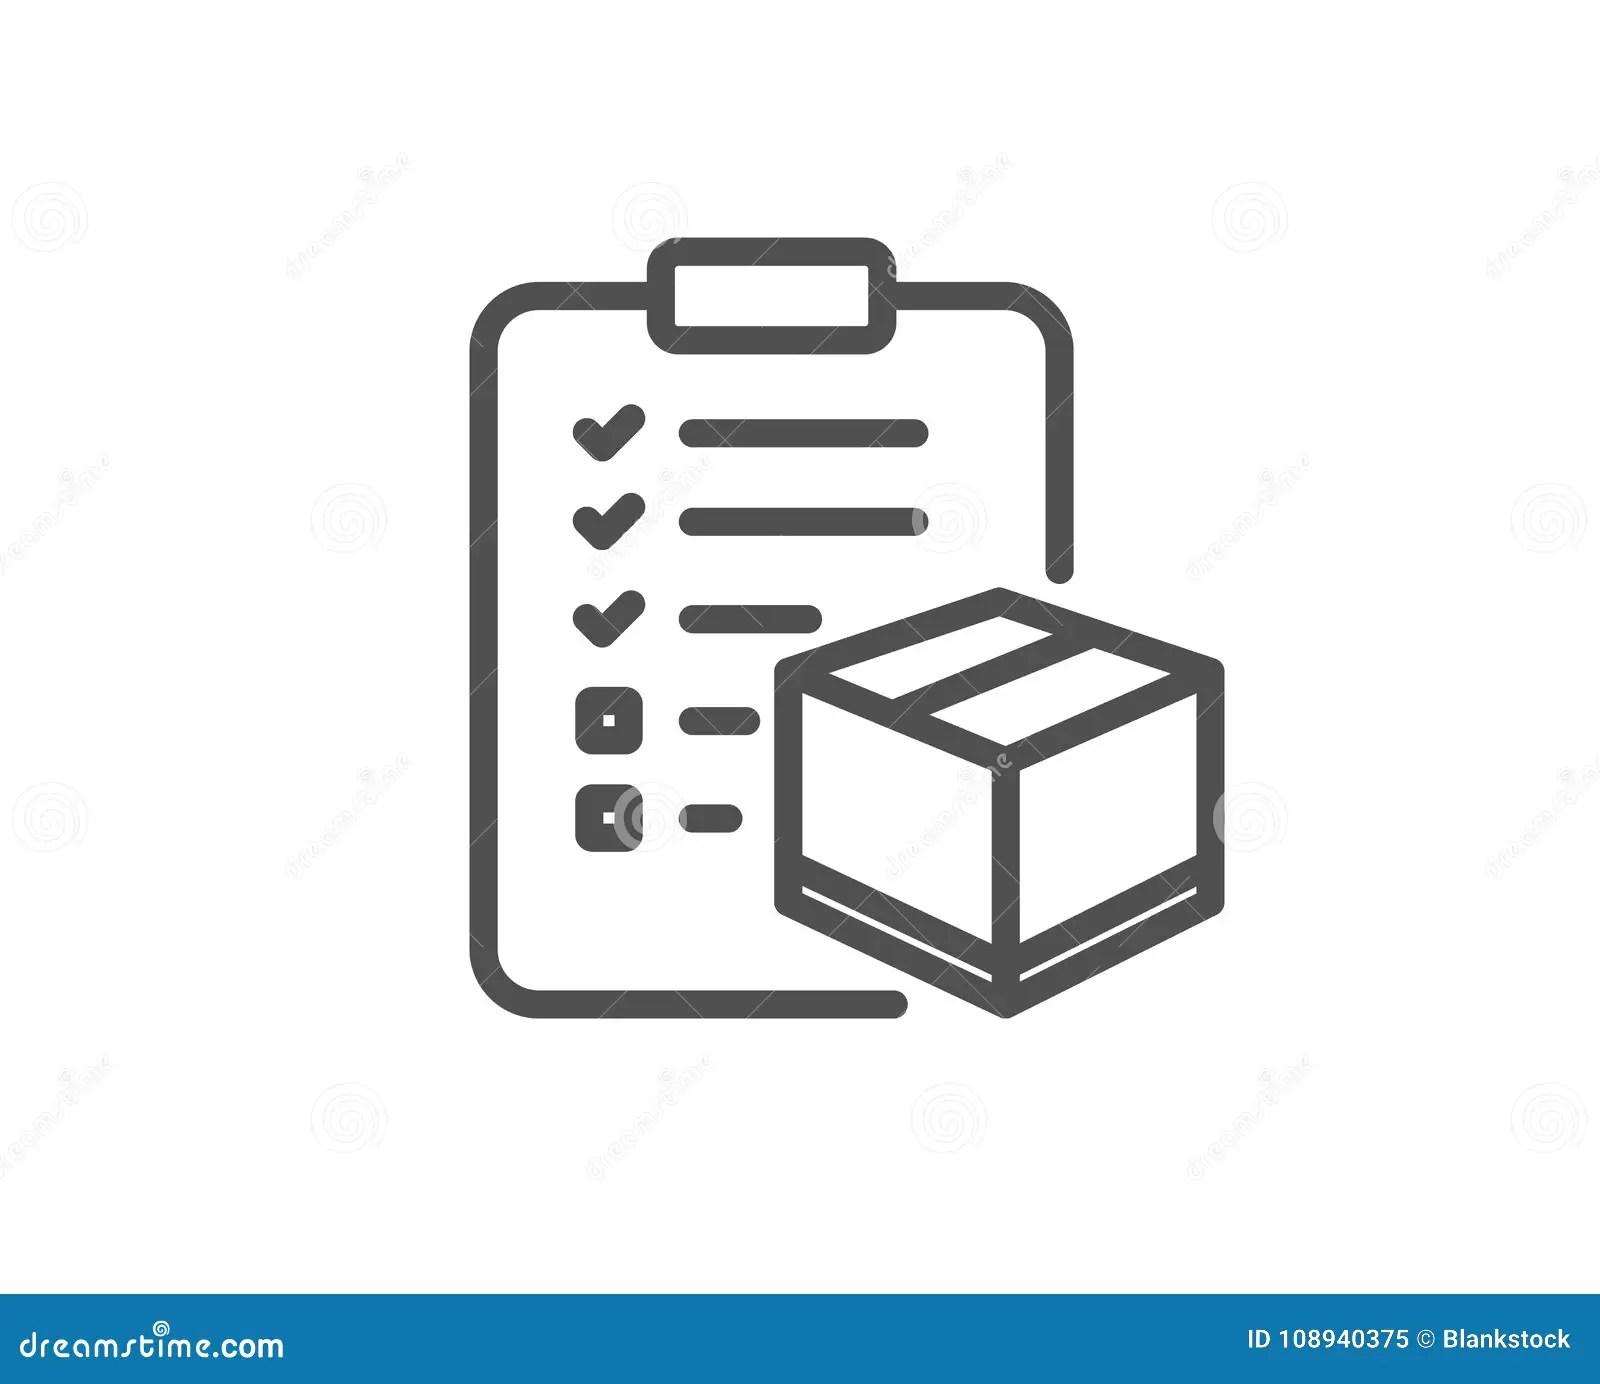 Parcel Checklist Line Icon. Logistics Check. Stock Vector